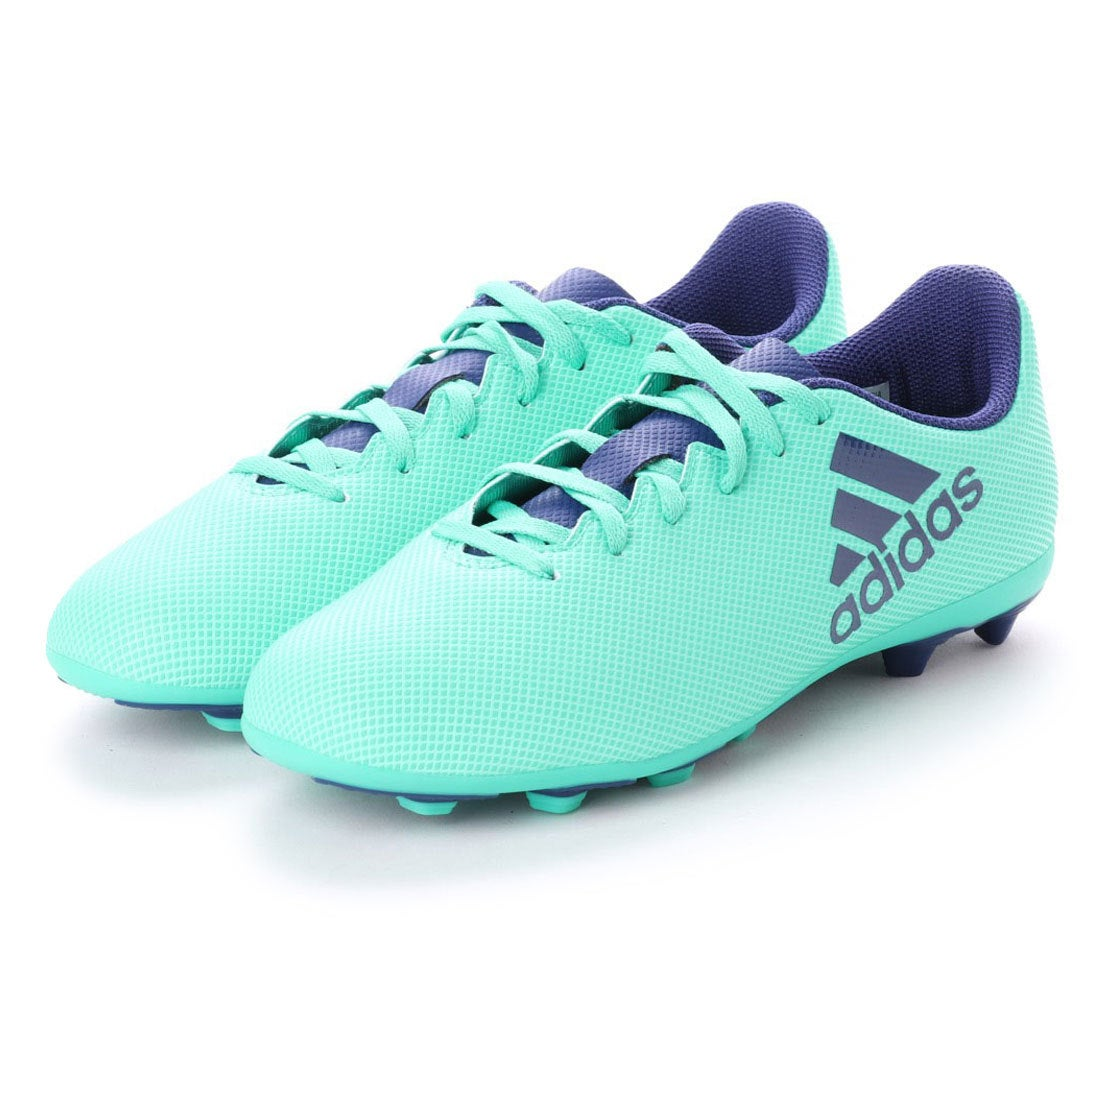 【SALE 10%OFF】アディダス adidas ジュニア サッカー スパイクシューズ エックス 17.4 AI1 J CP9014